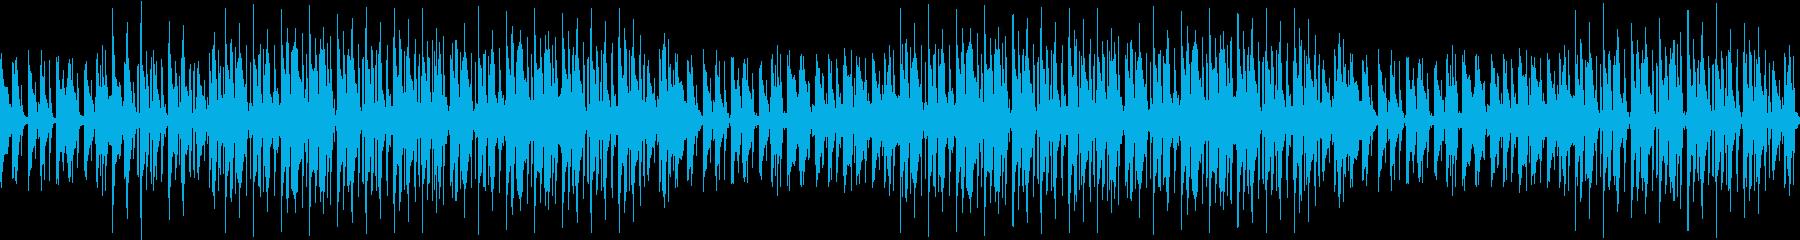 クール・お洒落・ギター・ピアノ・BGMの再生済みの波形